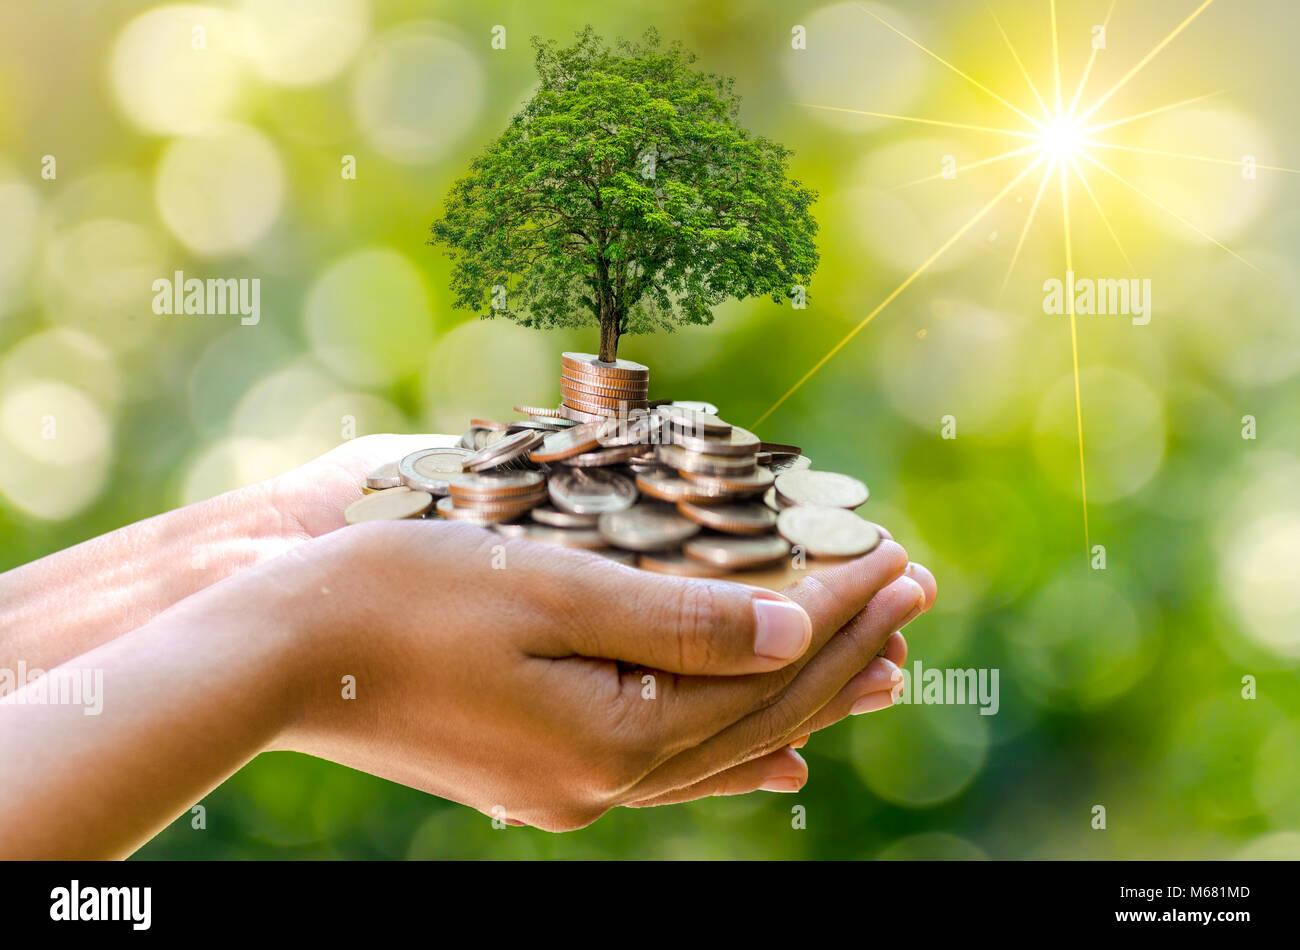 Hand Münze Baum der Baum wächst auf dem Stapel. Geld sparen für die Zukunft. Investment Ideen und das Wachstum der Stockfoto